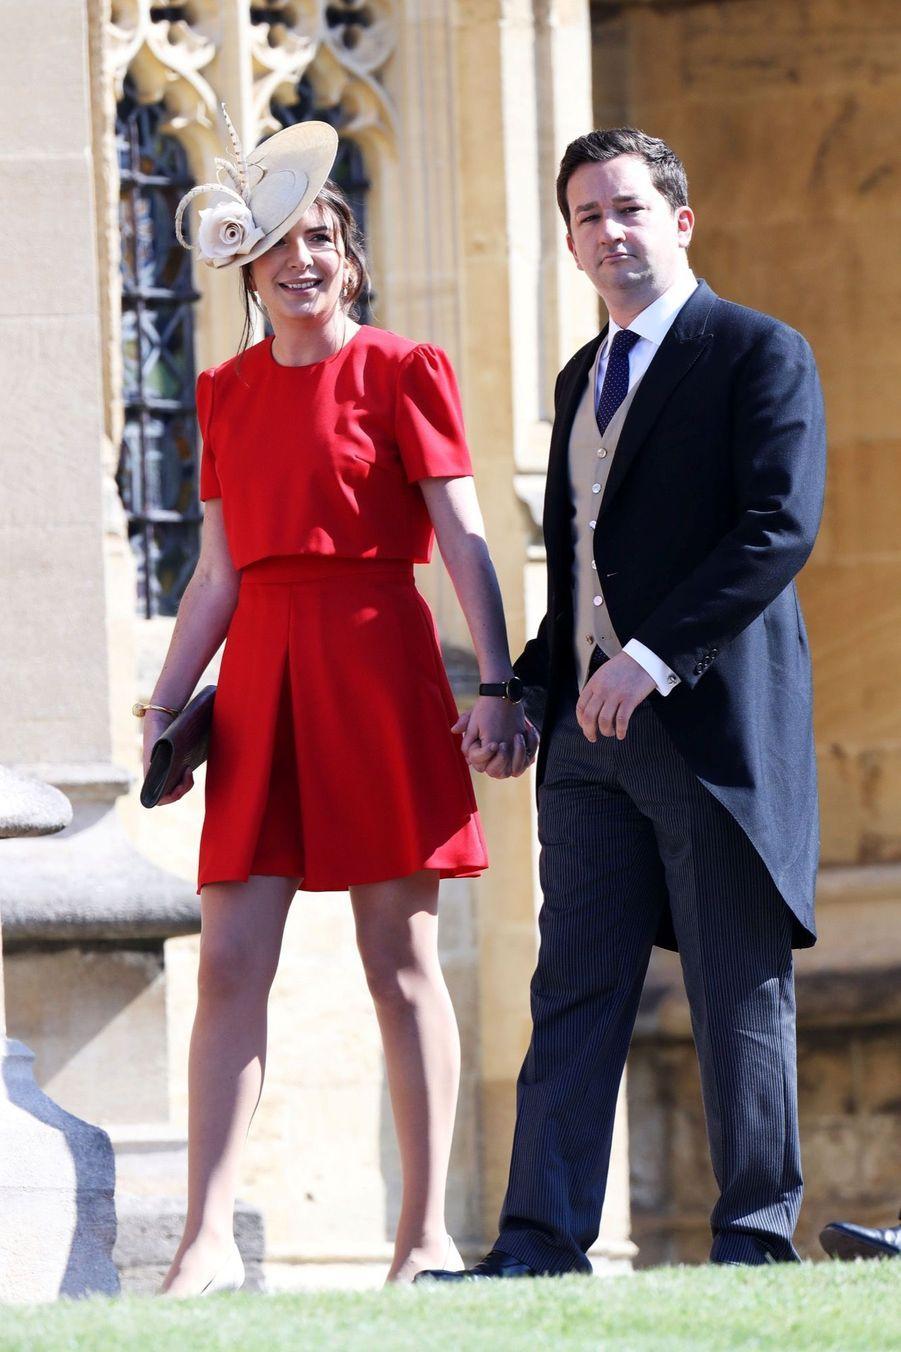 Le Mariage Du Prince Harry Et Meghan Markle En Photos ( 6